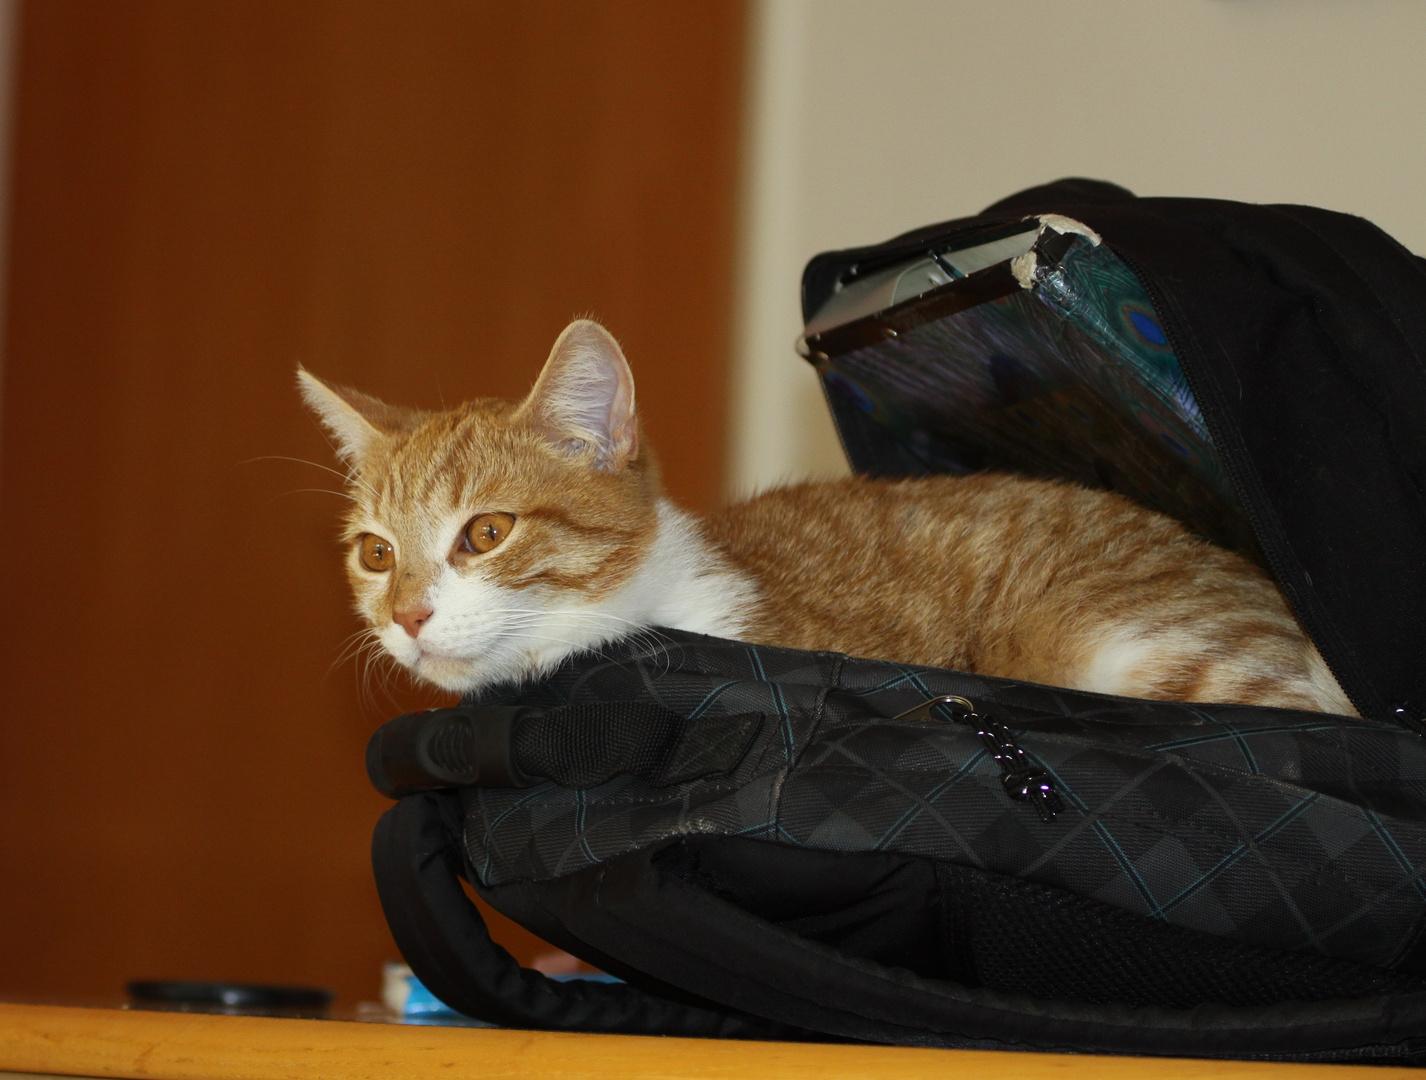 Schoolbag - cat